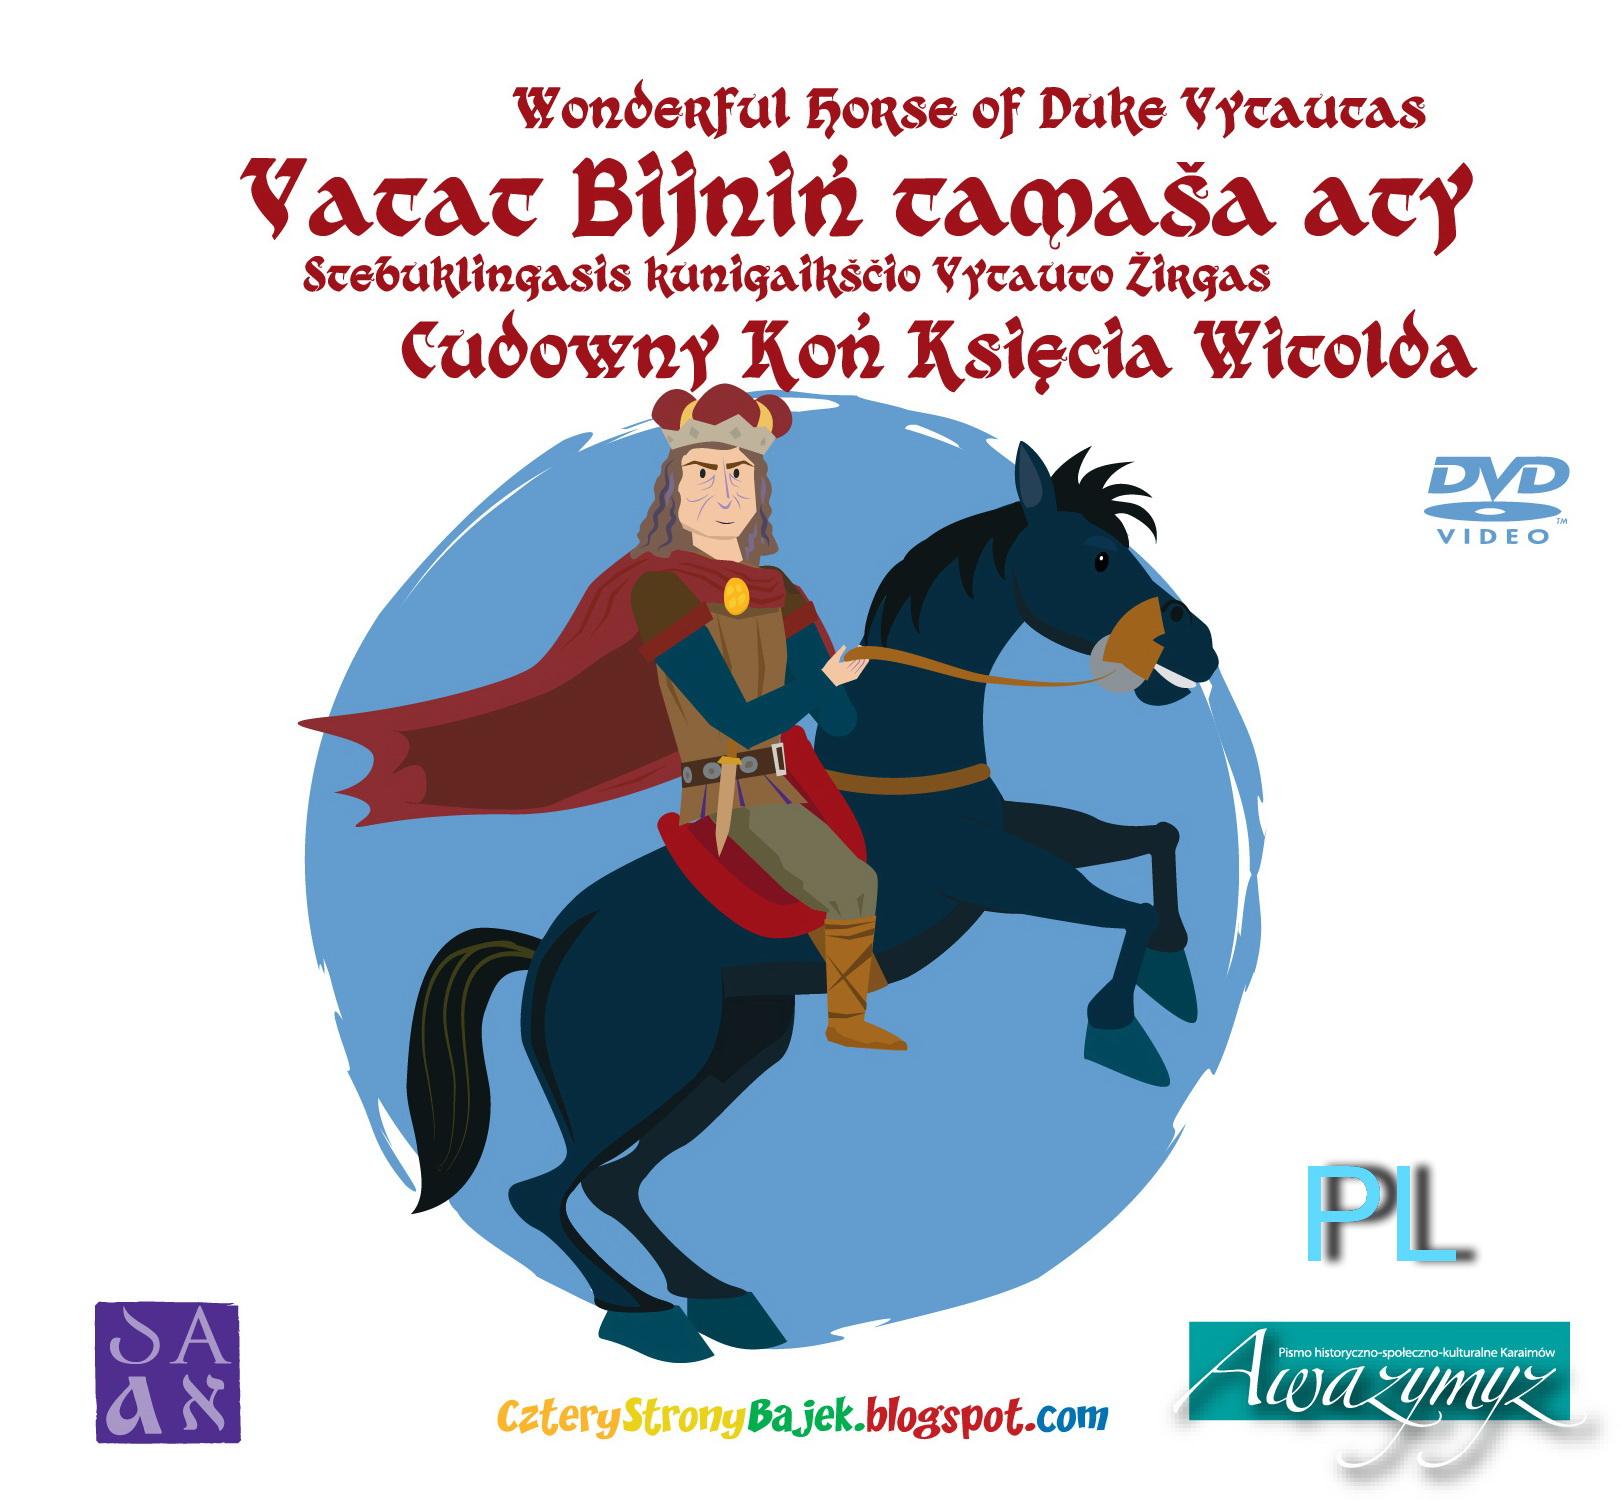 Cudowny koń księcia Witolda